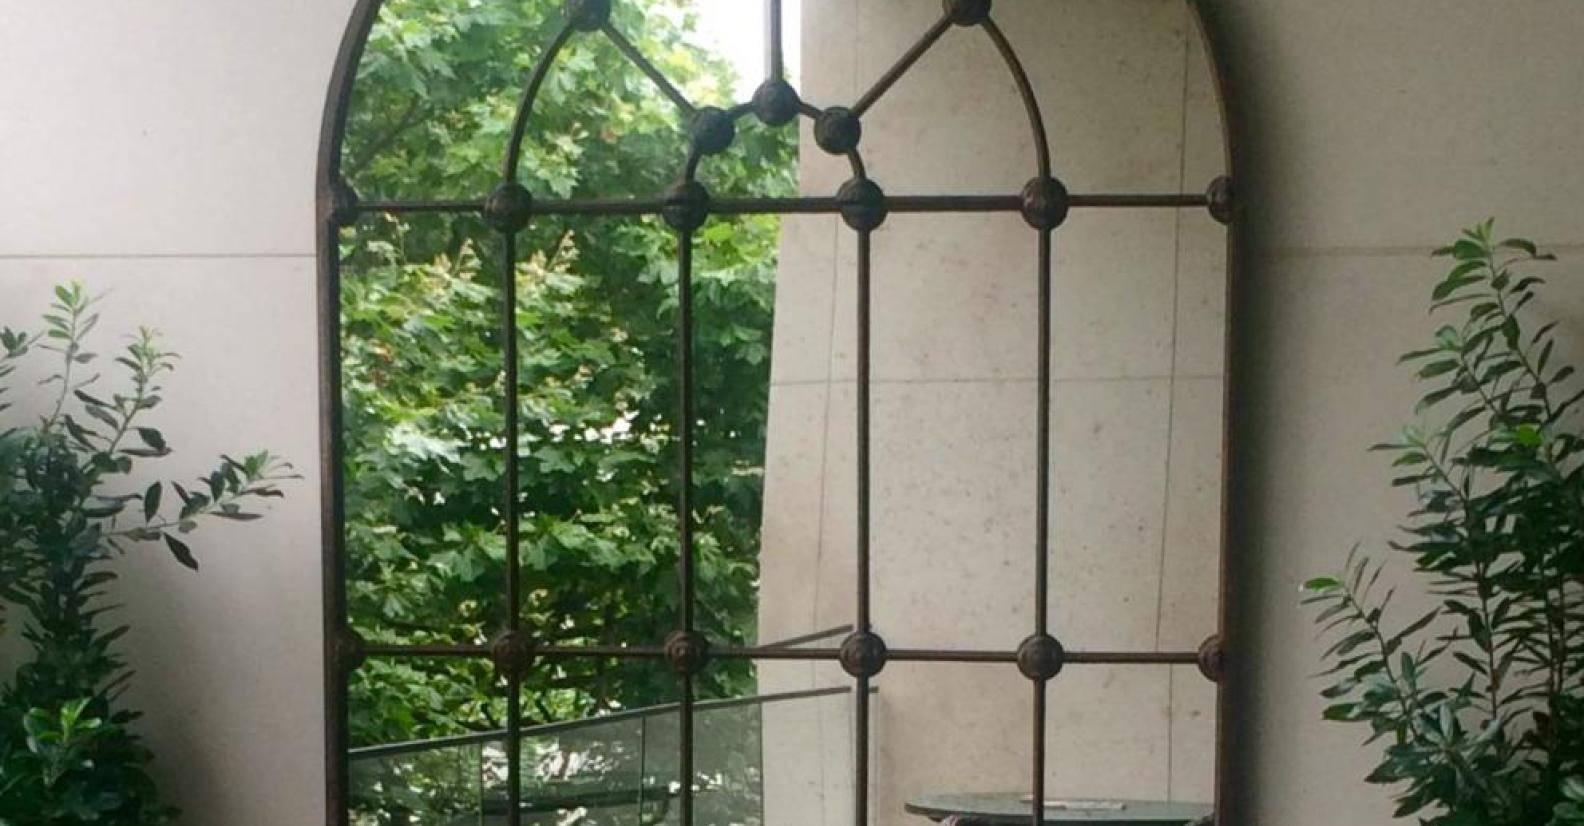 Mirror : Gothic Garden Mirrors Superb Gothic Style Garden Mirrors throughout Gothic Garden Mirrors (Image 15 of 15)